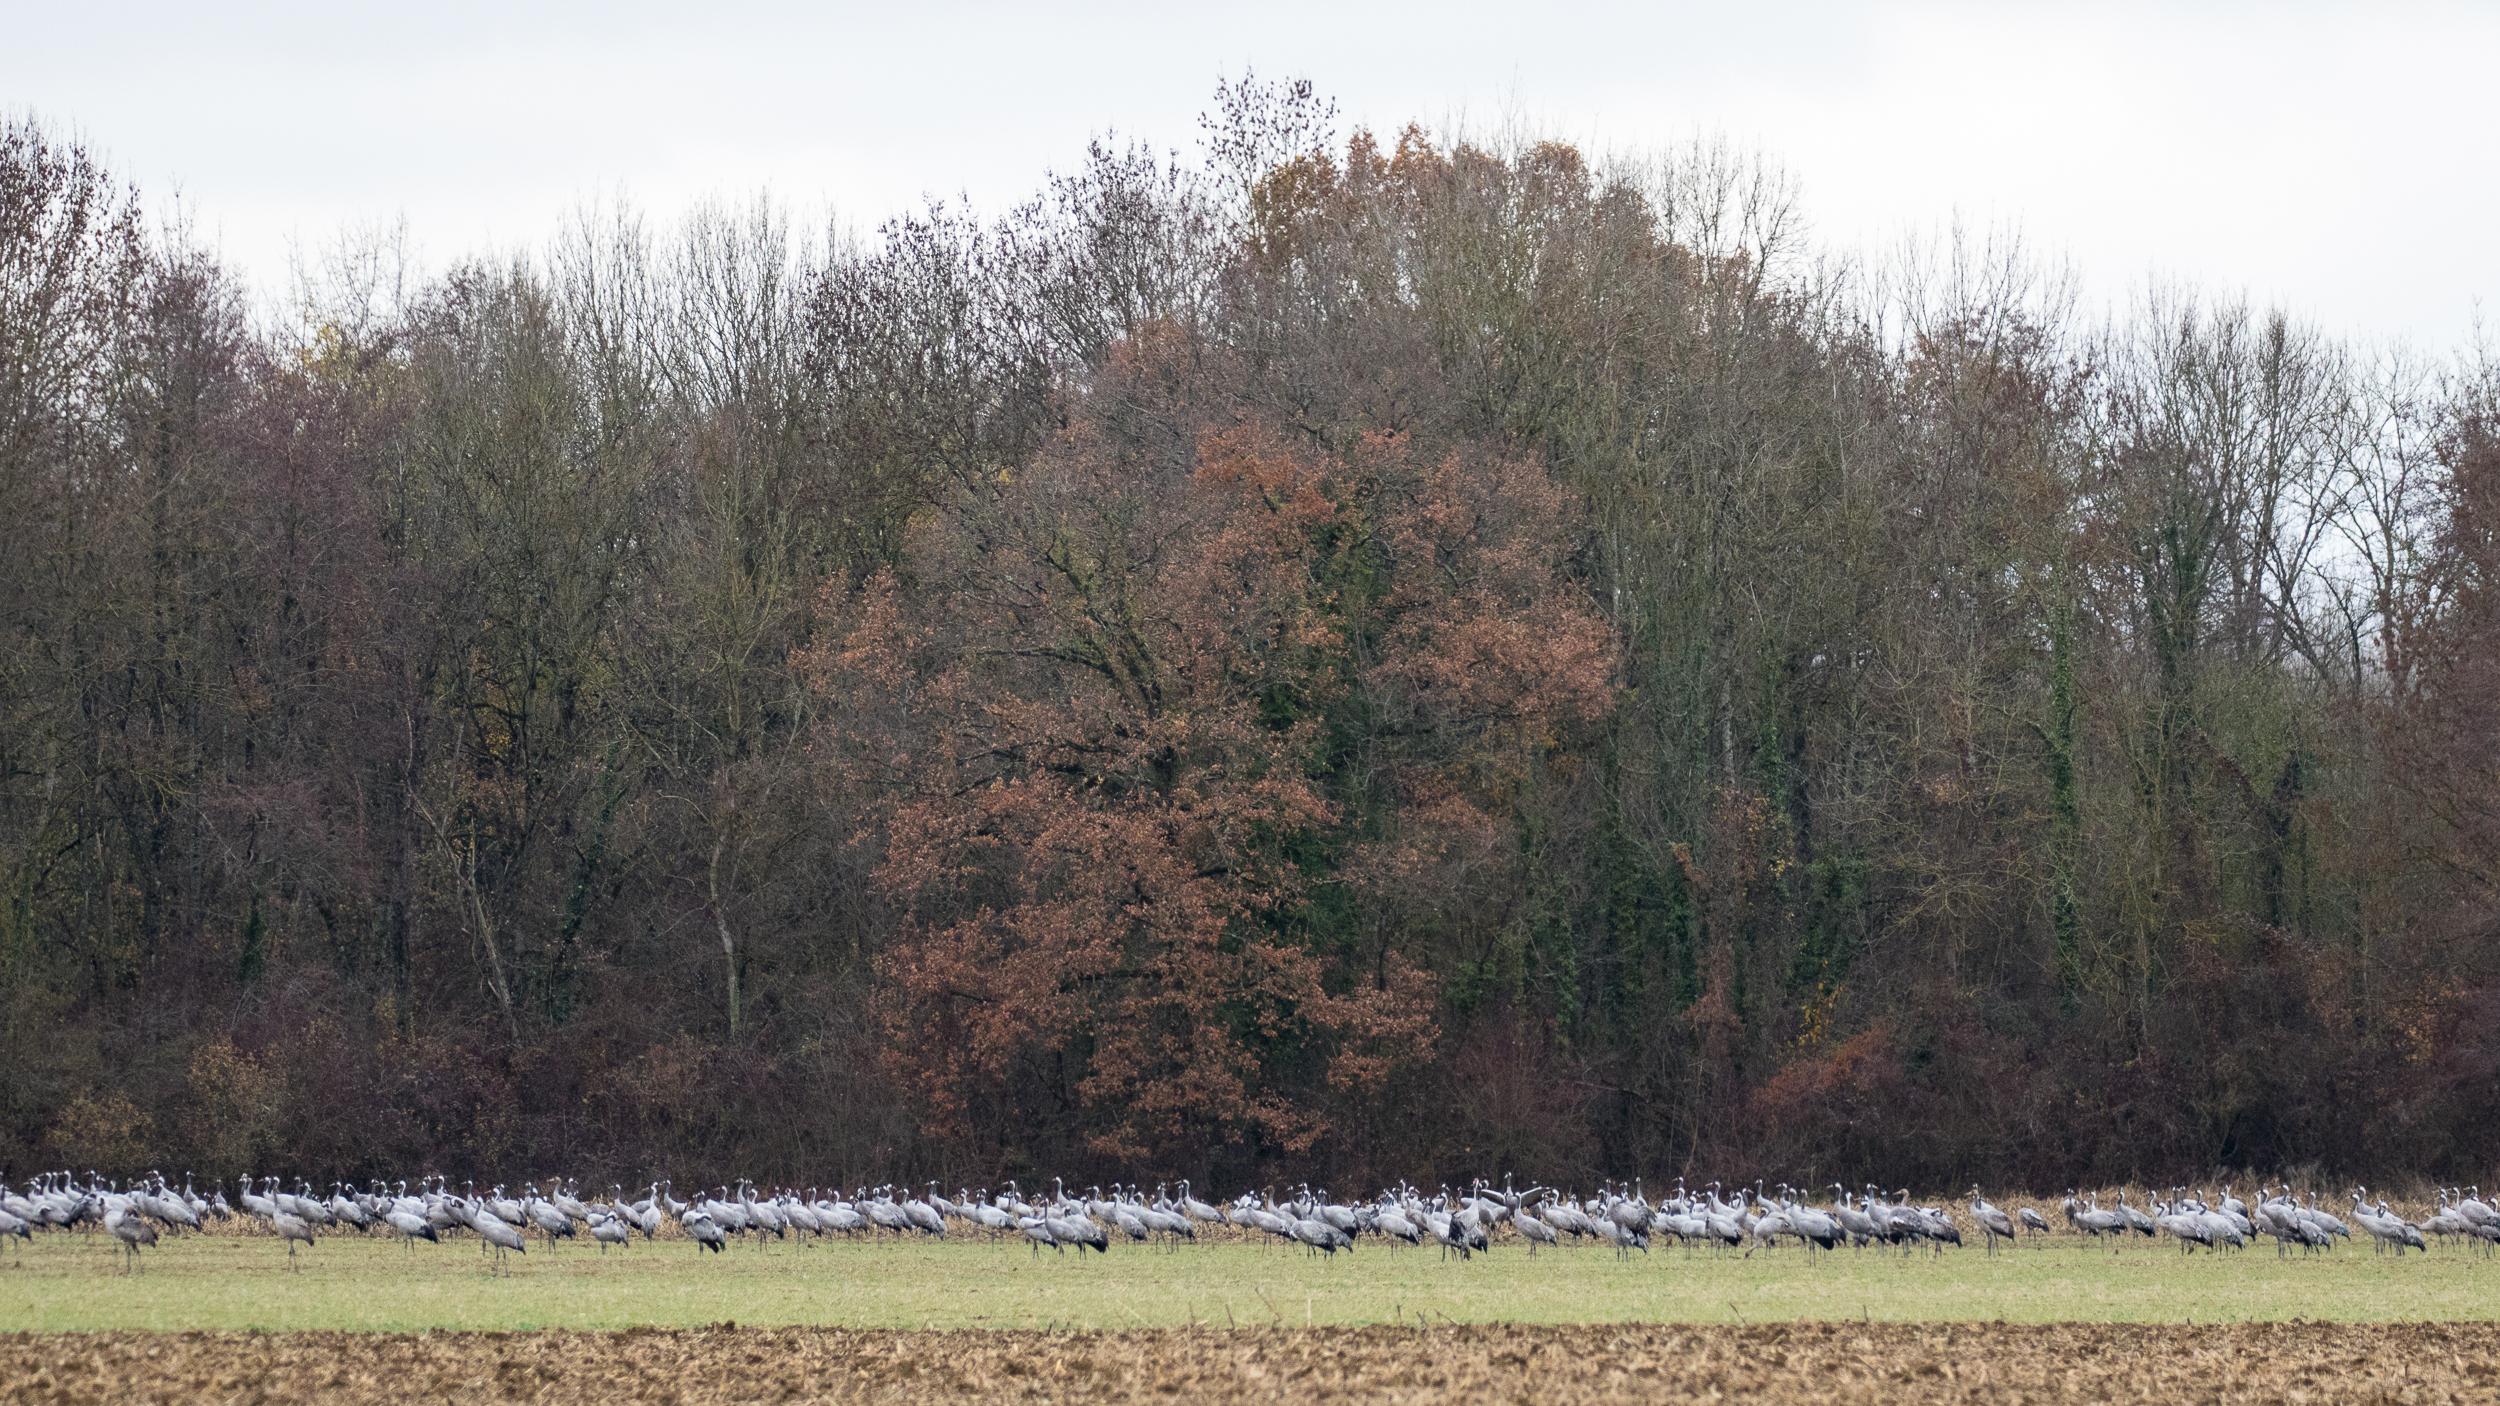 cranes-lake-der-chantecoq-france